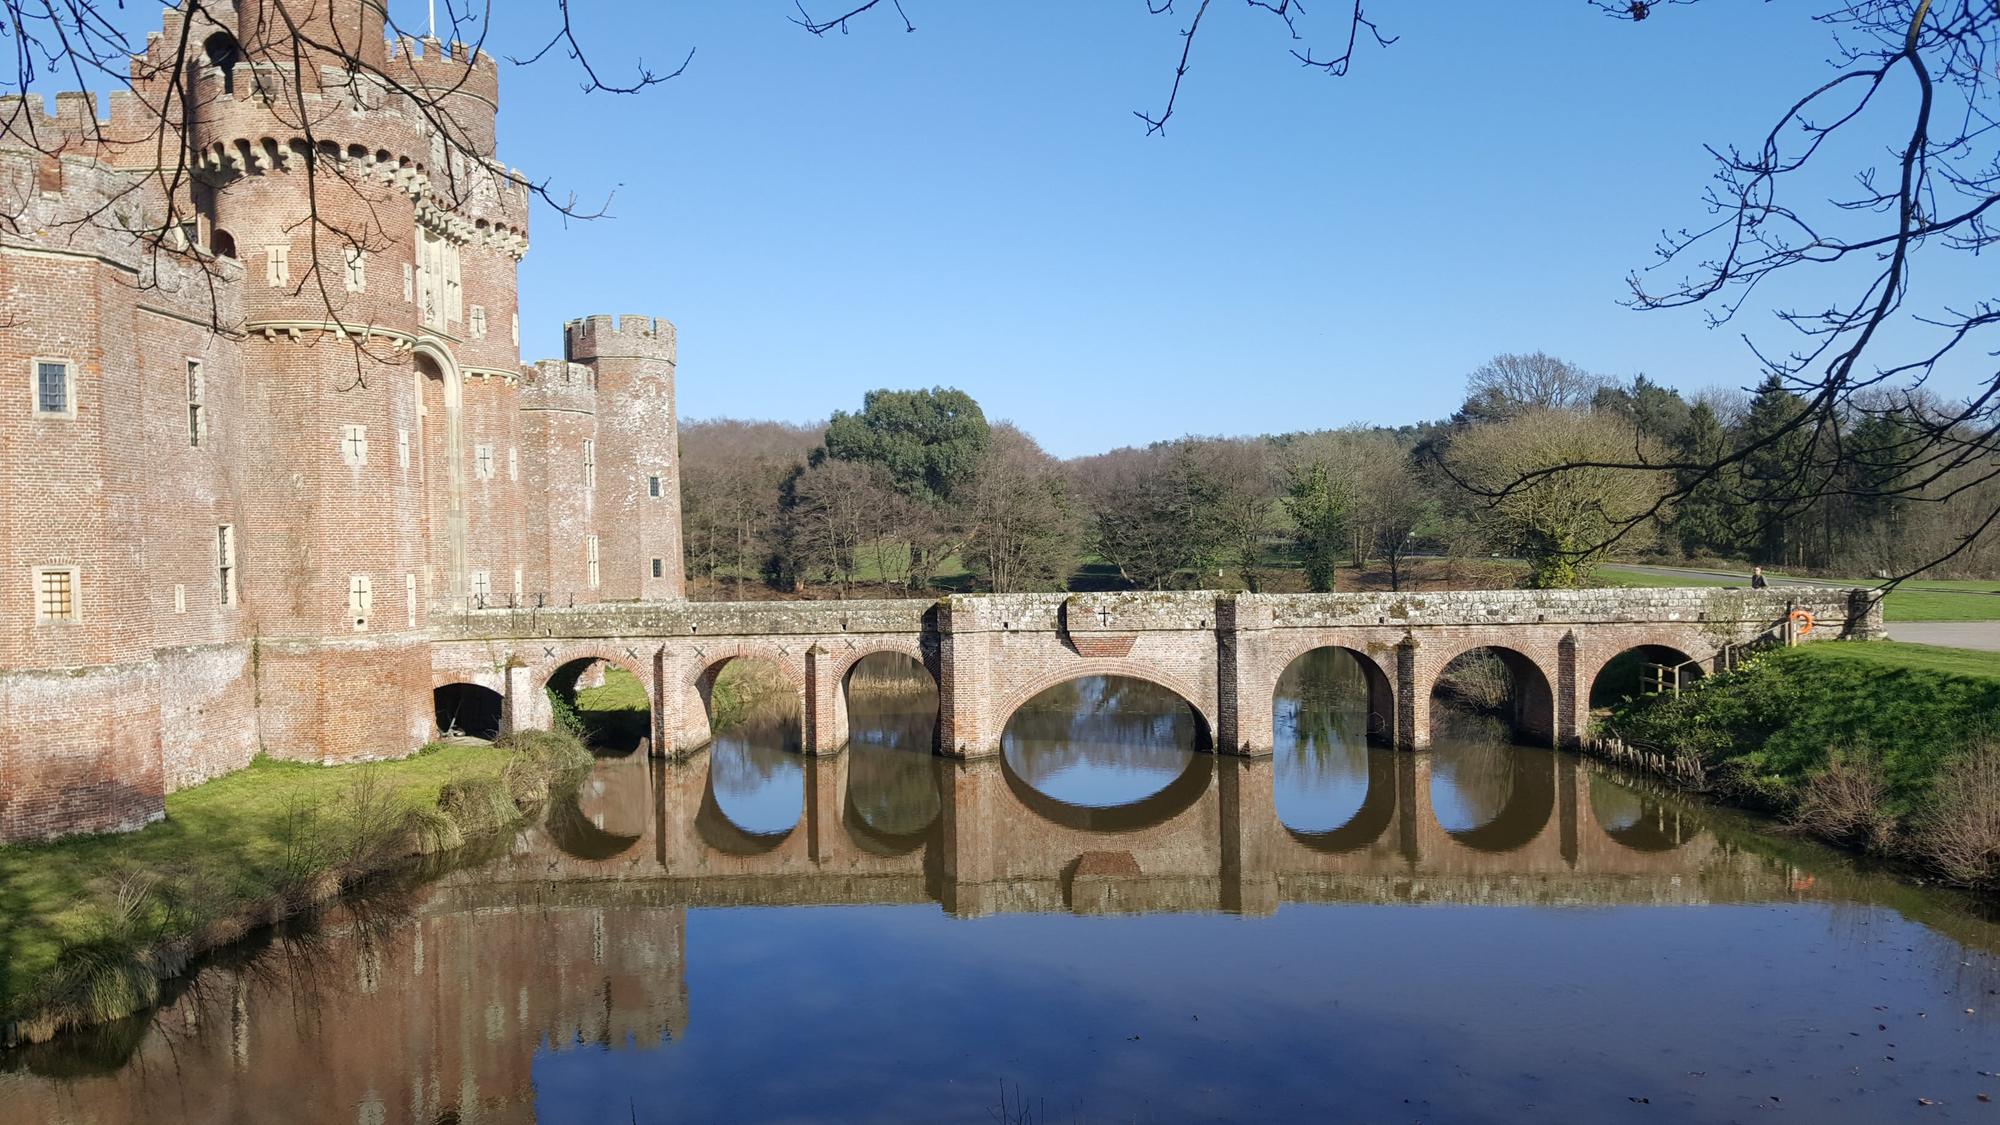 Herstmonceux Castle moat